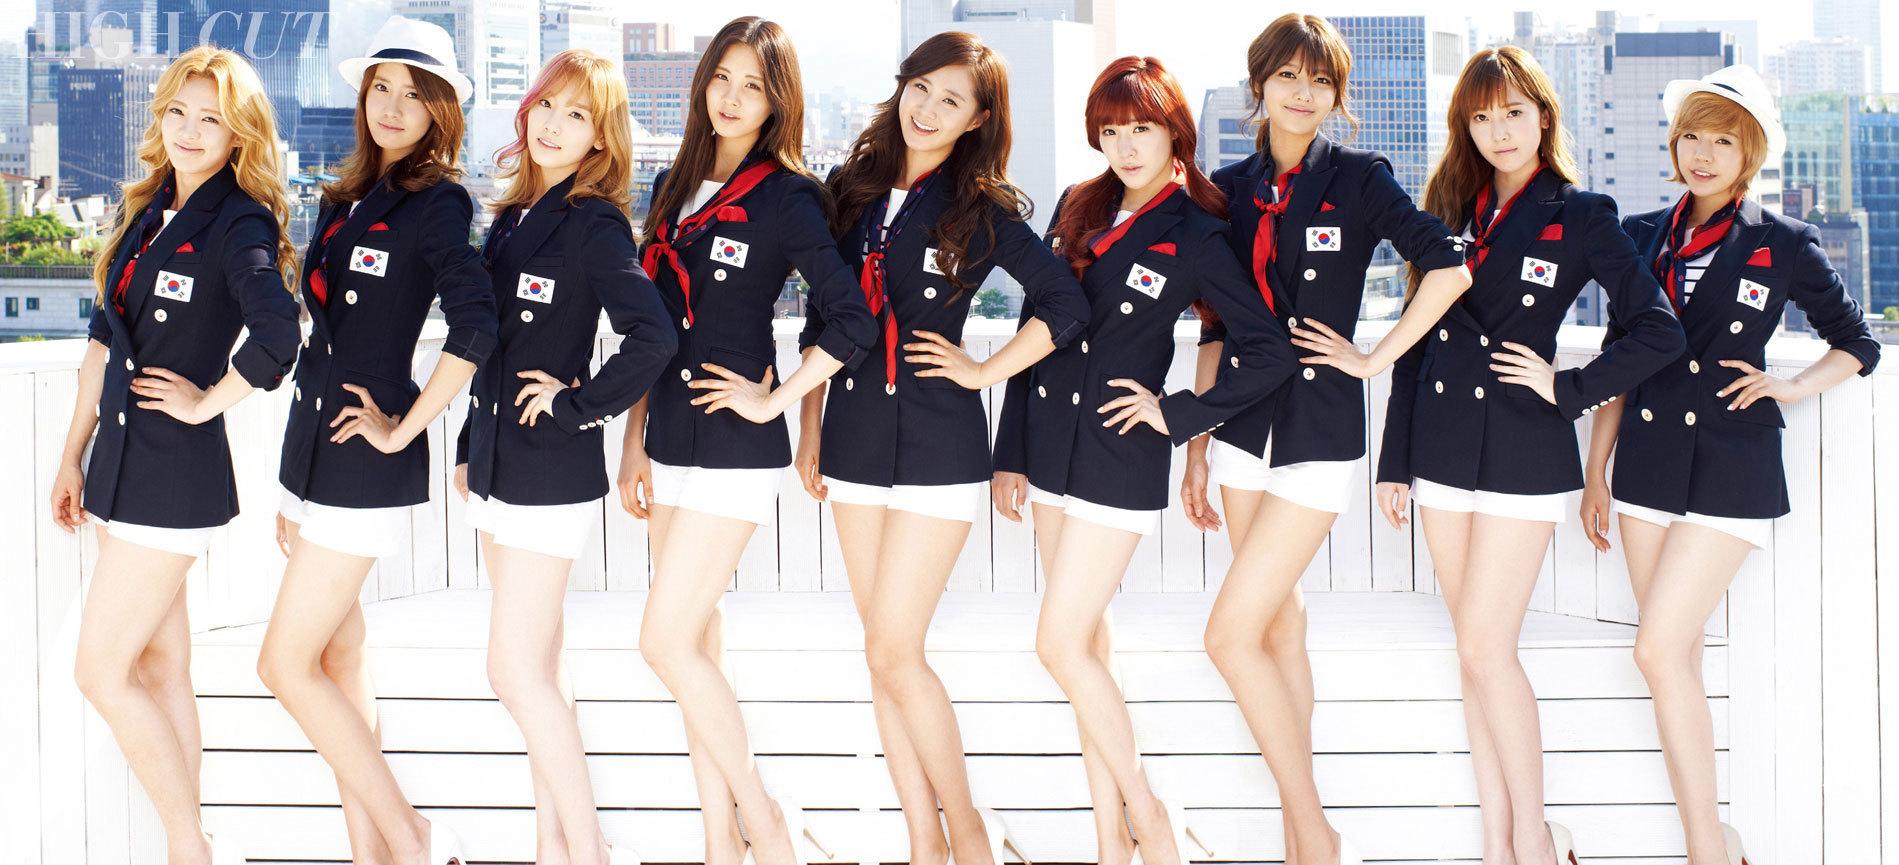 求少女时代为韩国助战伦敦奥运会拍摄的蓝色制服高清